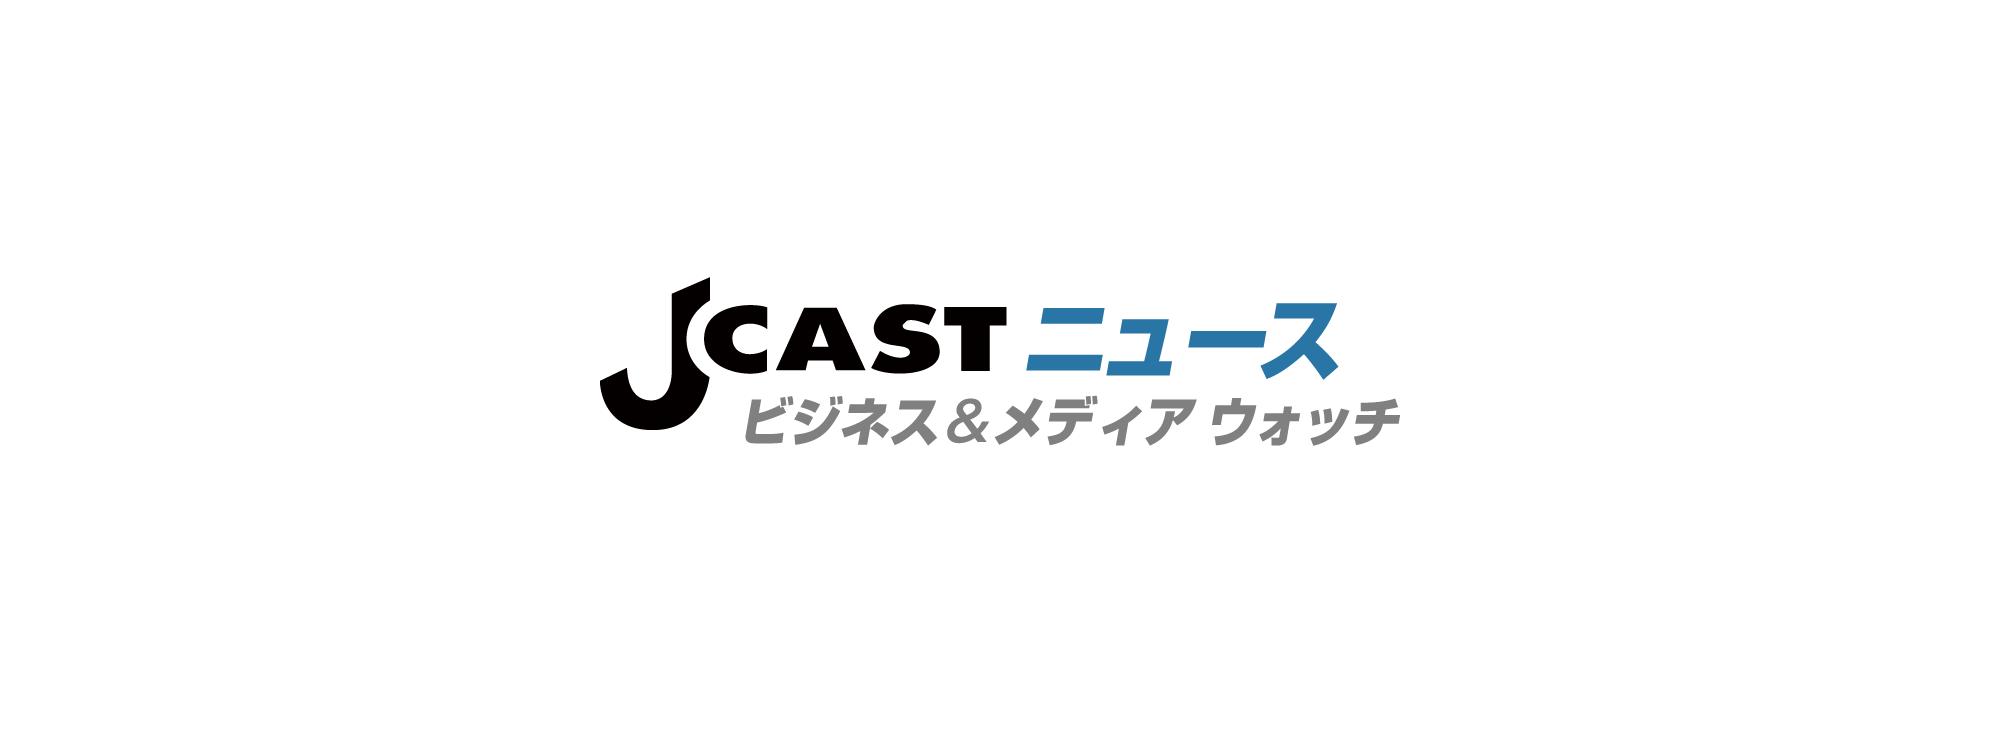 菊池桃子さんストーカー男を再び逮捕 送られてきたメールの内容が怖すぎる : J-CASTテレビウォッチ